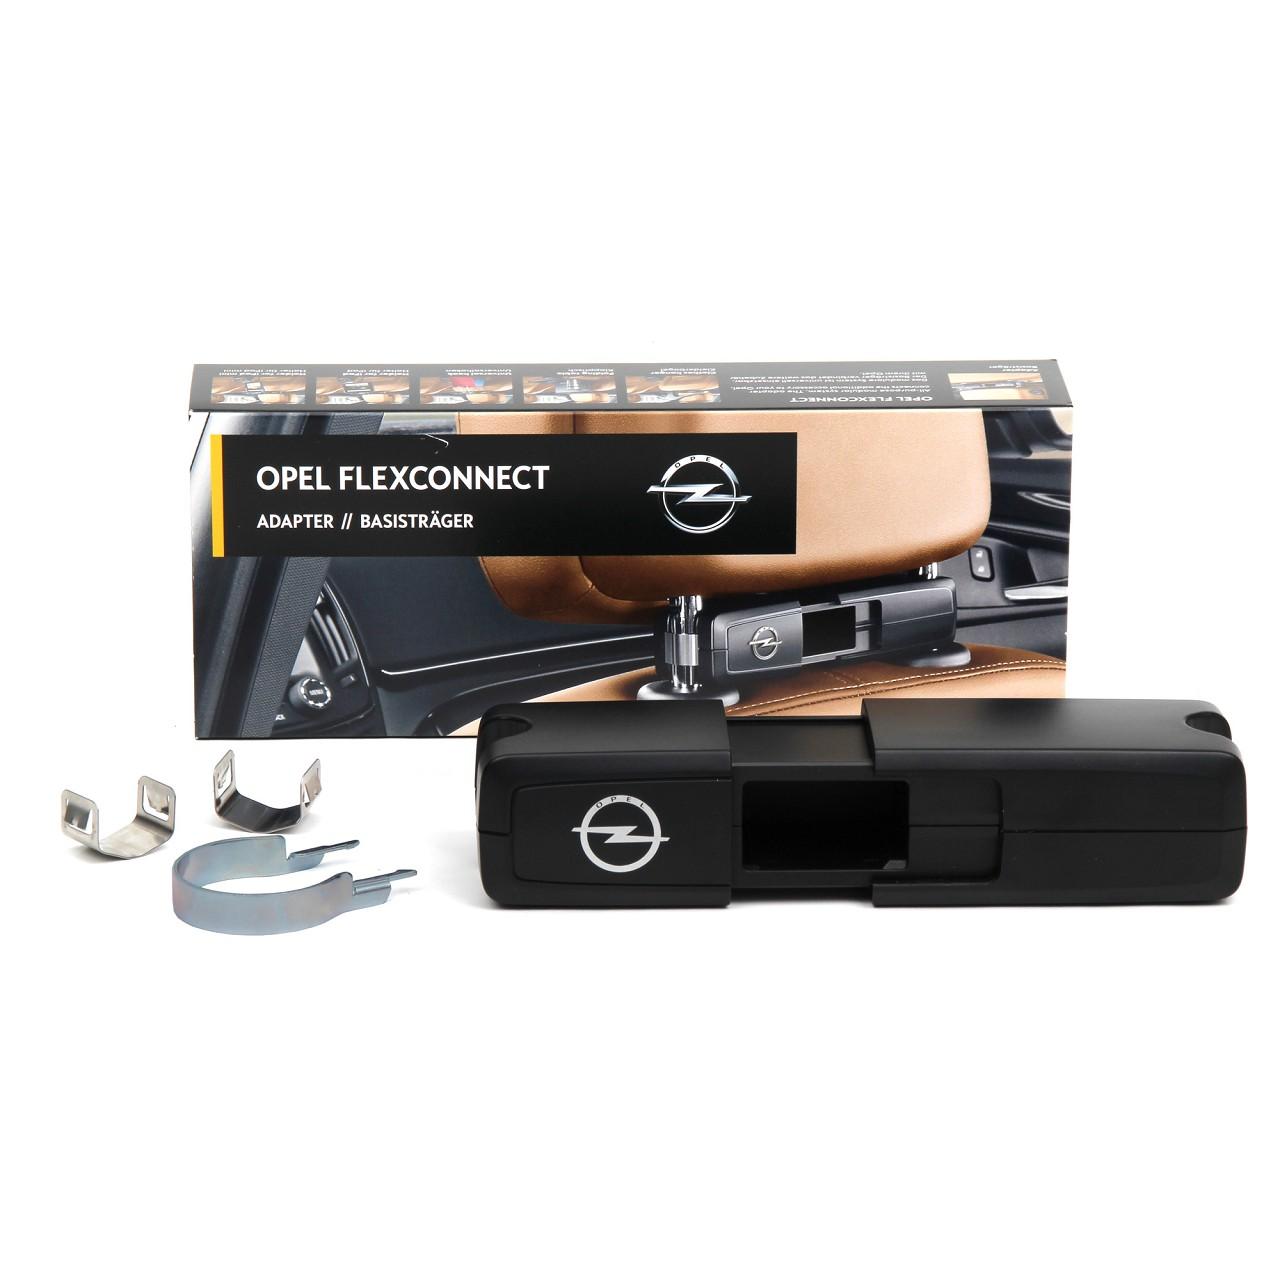 ORIGINAL OPEL FlexConnect Adapter 1746019 für Kopfstütze Kleiderbügel Tisch iPad